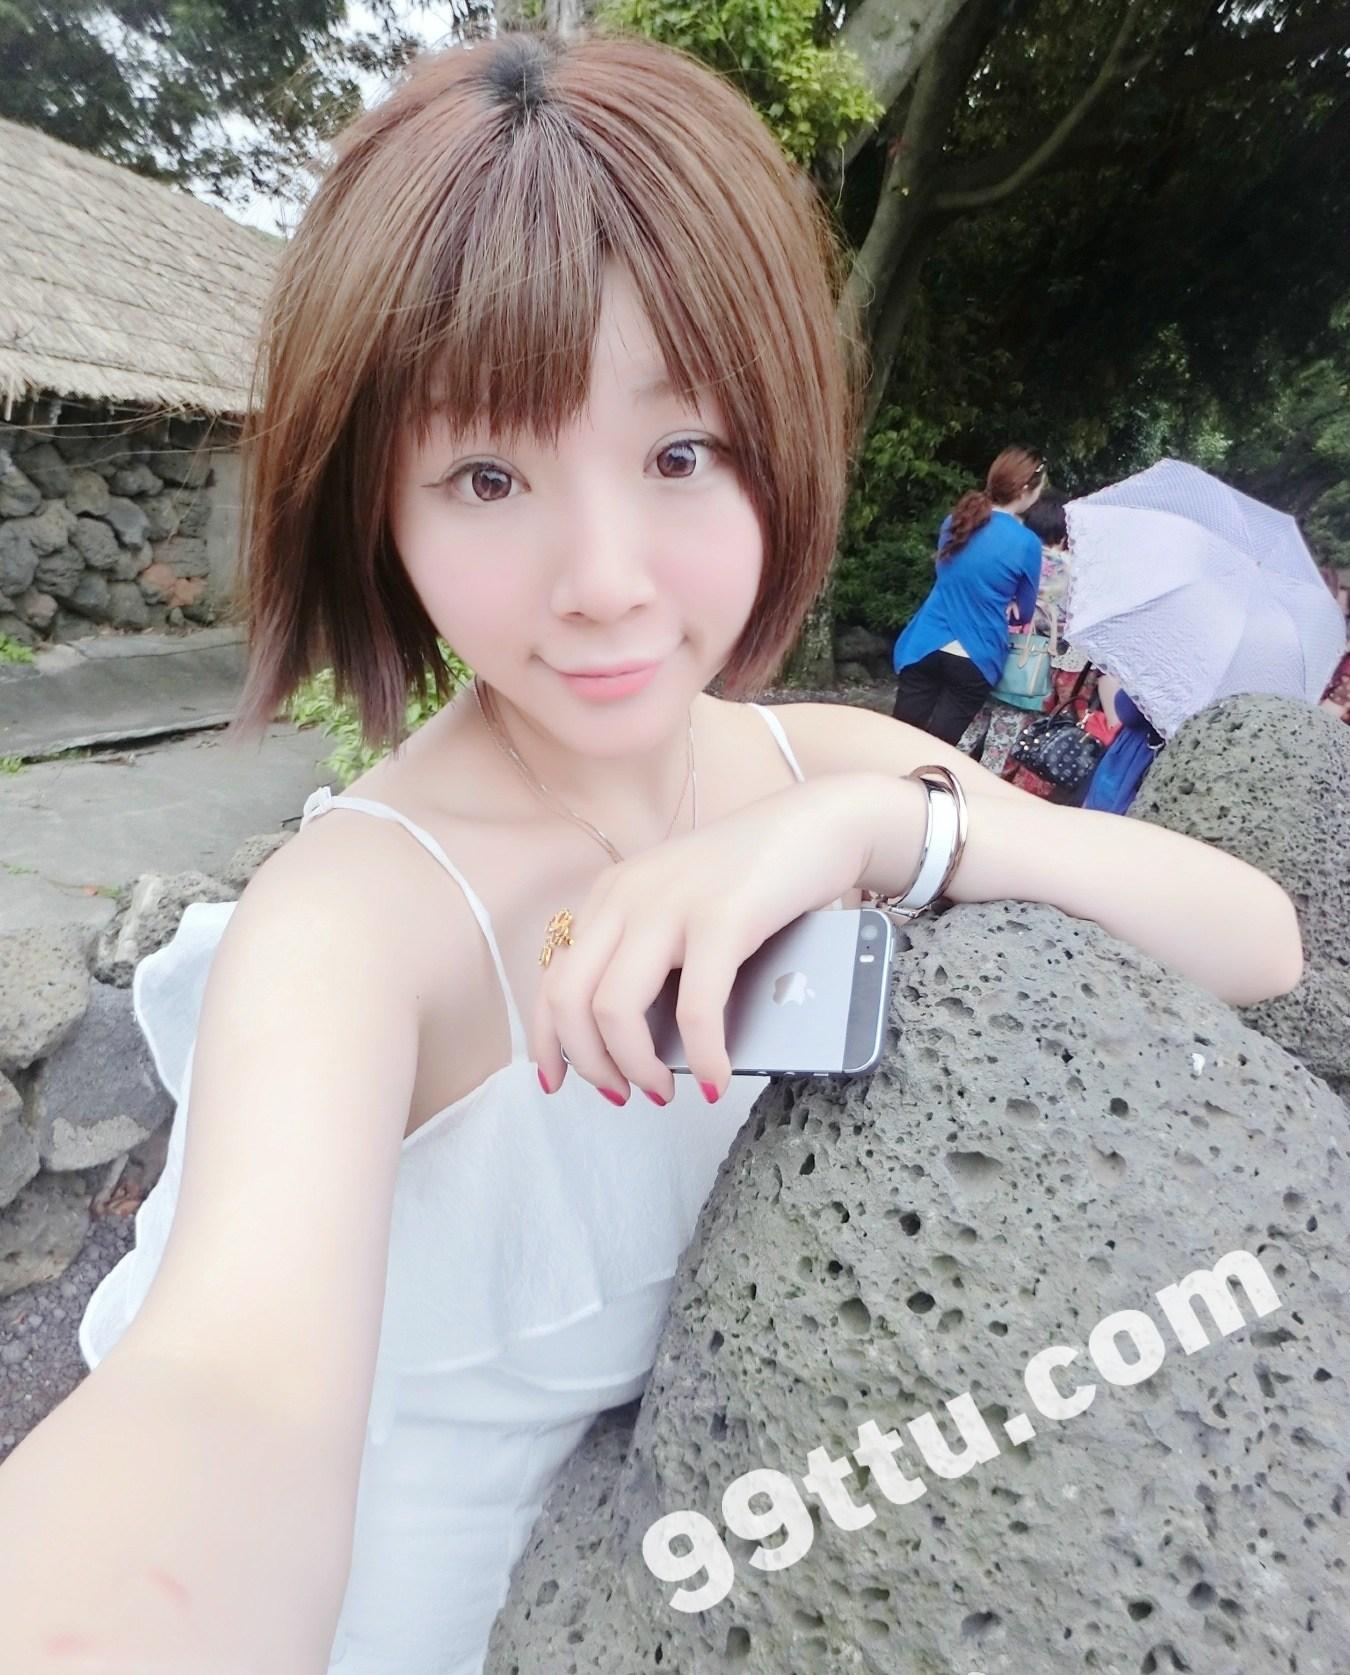 KK85_581张 大胸美女生活照素材照片合集-10